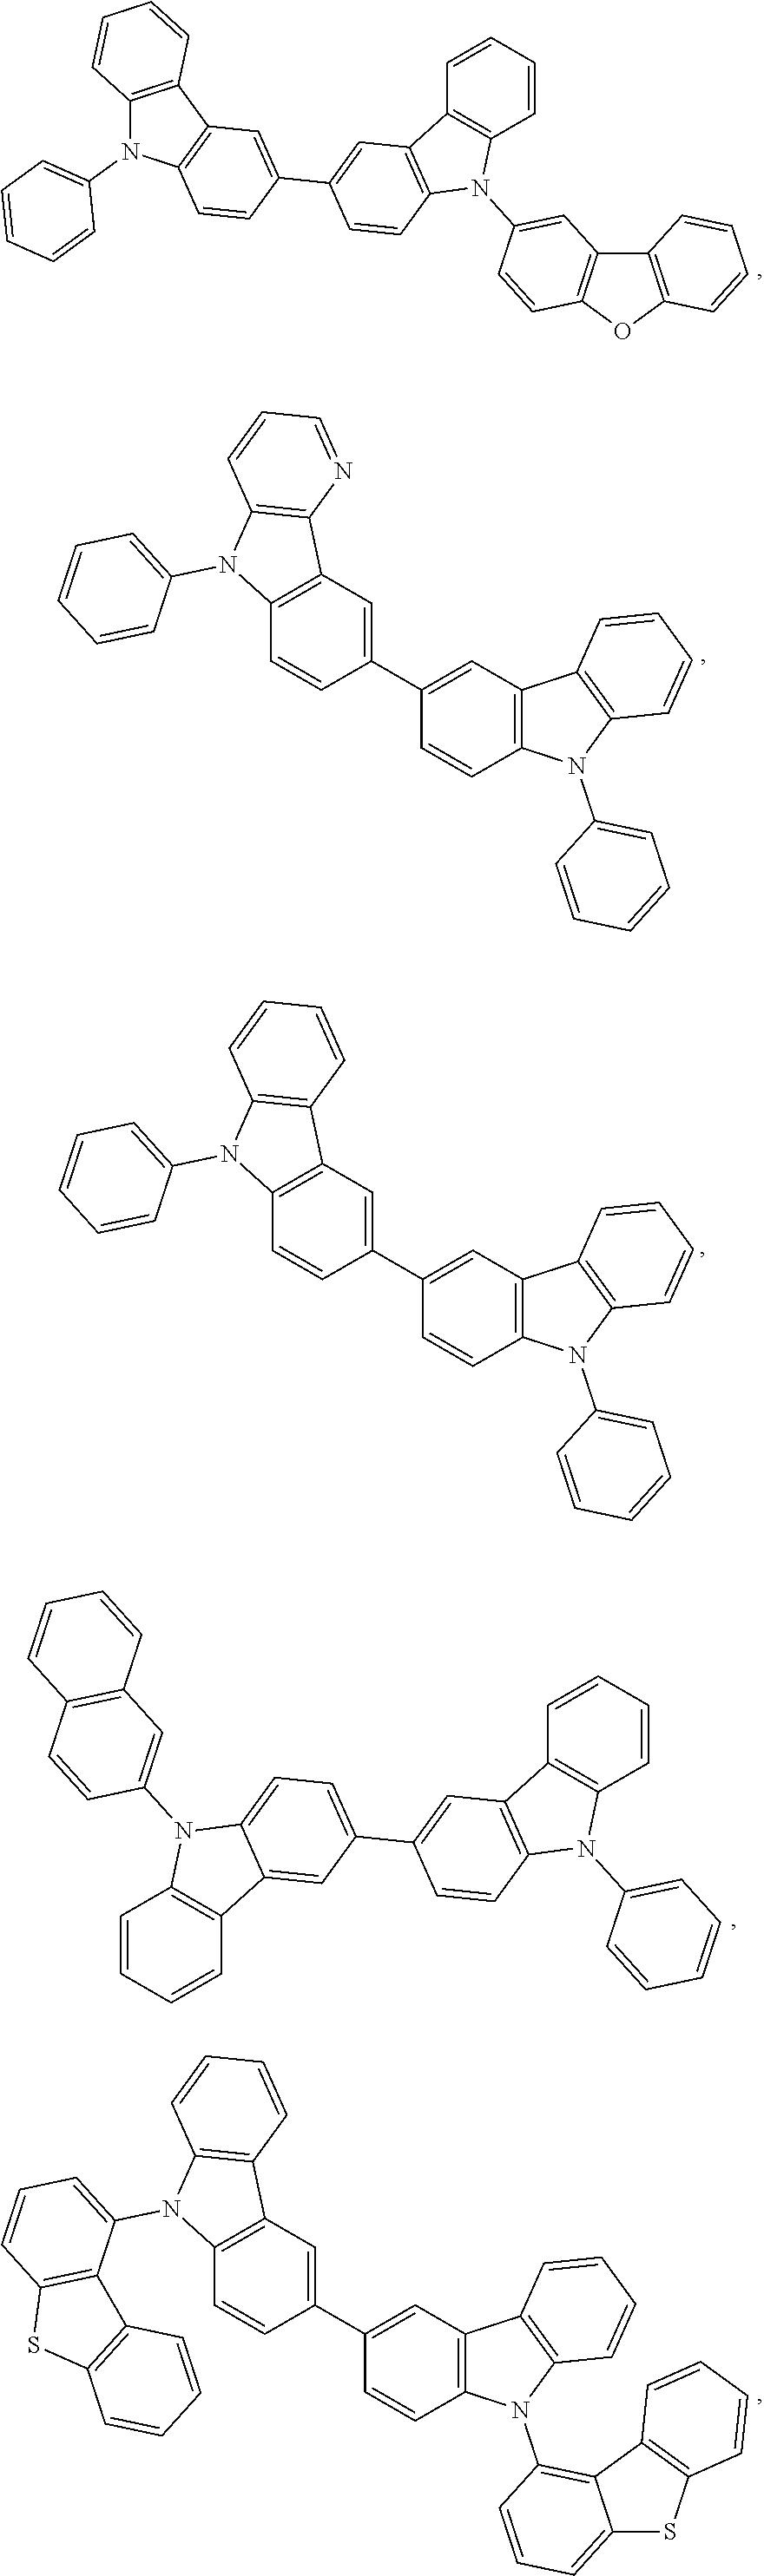 Figure US20190161504A1-20190530-C00051